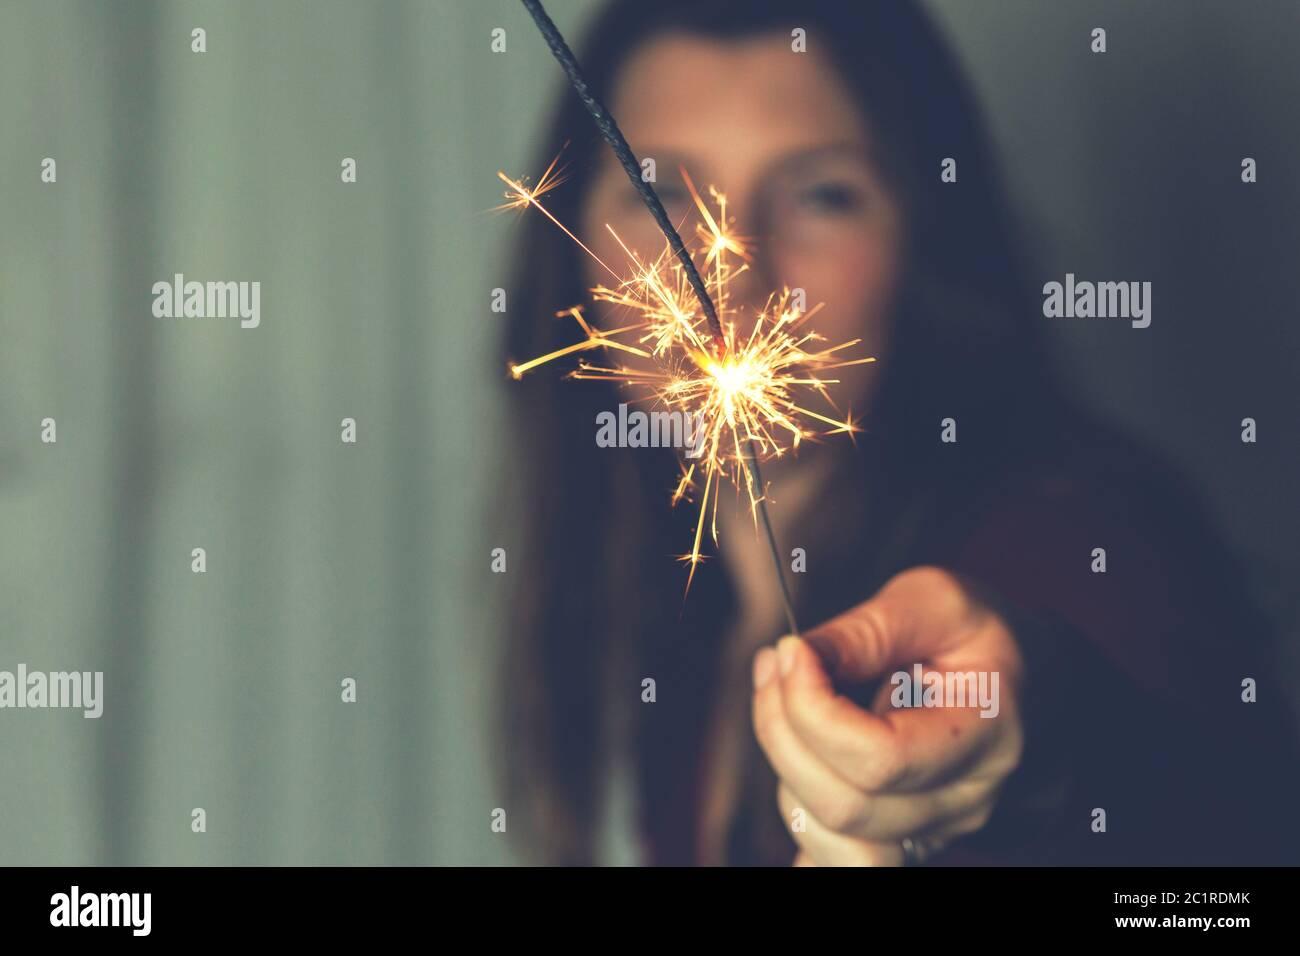 Mujer con Bengala Celebración de fuegos artificiales piromusical felicidad concepto Foto de stock